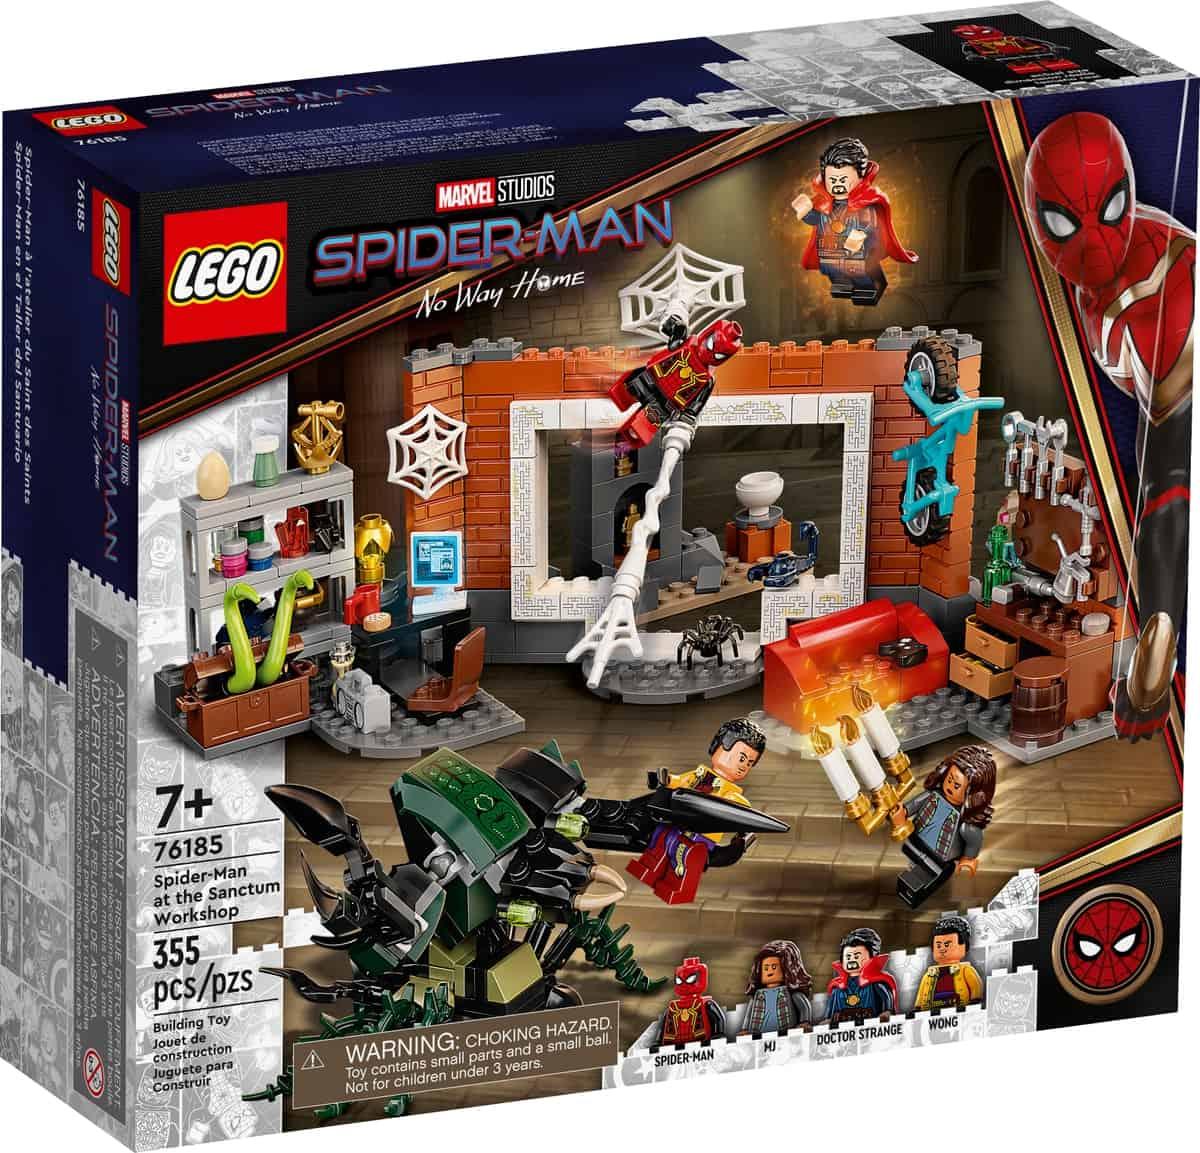 lego 76185 spider man bij de sanctum uitvalsbasis